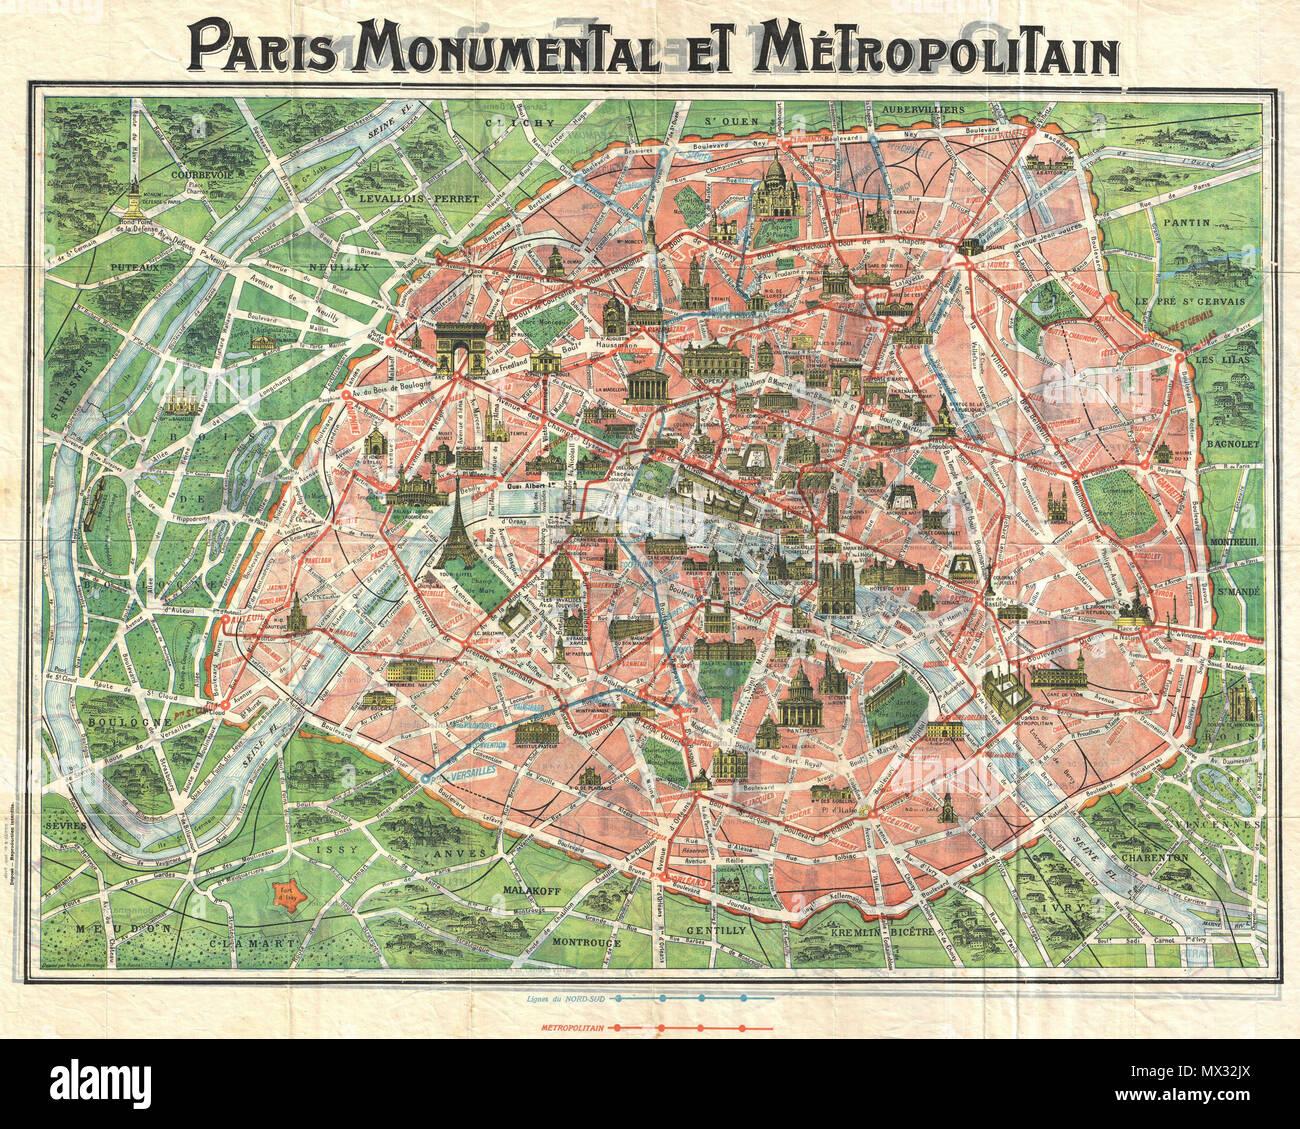 Parigi Cartina Metro.Parigi Monumentale Et Metropolitana Inglese Questo C 1920 Mappa Di Parigi Francia E Una Delle Piu Ambite Della Parigi Monumentale Serie Progettato Con Il Turista In Mente Questa Cartina Copre Il